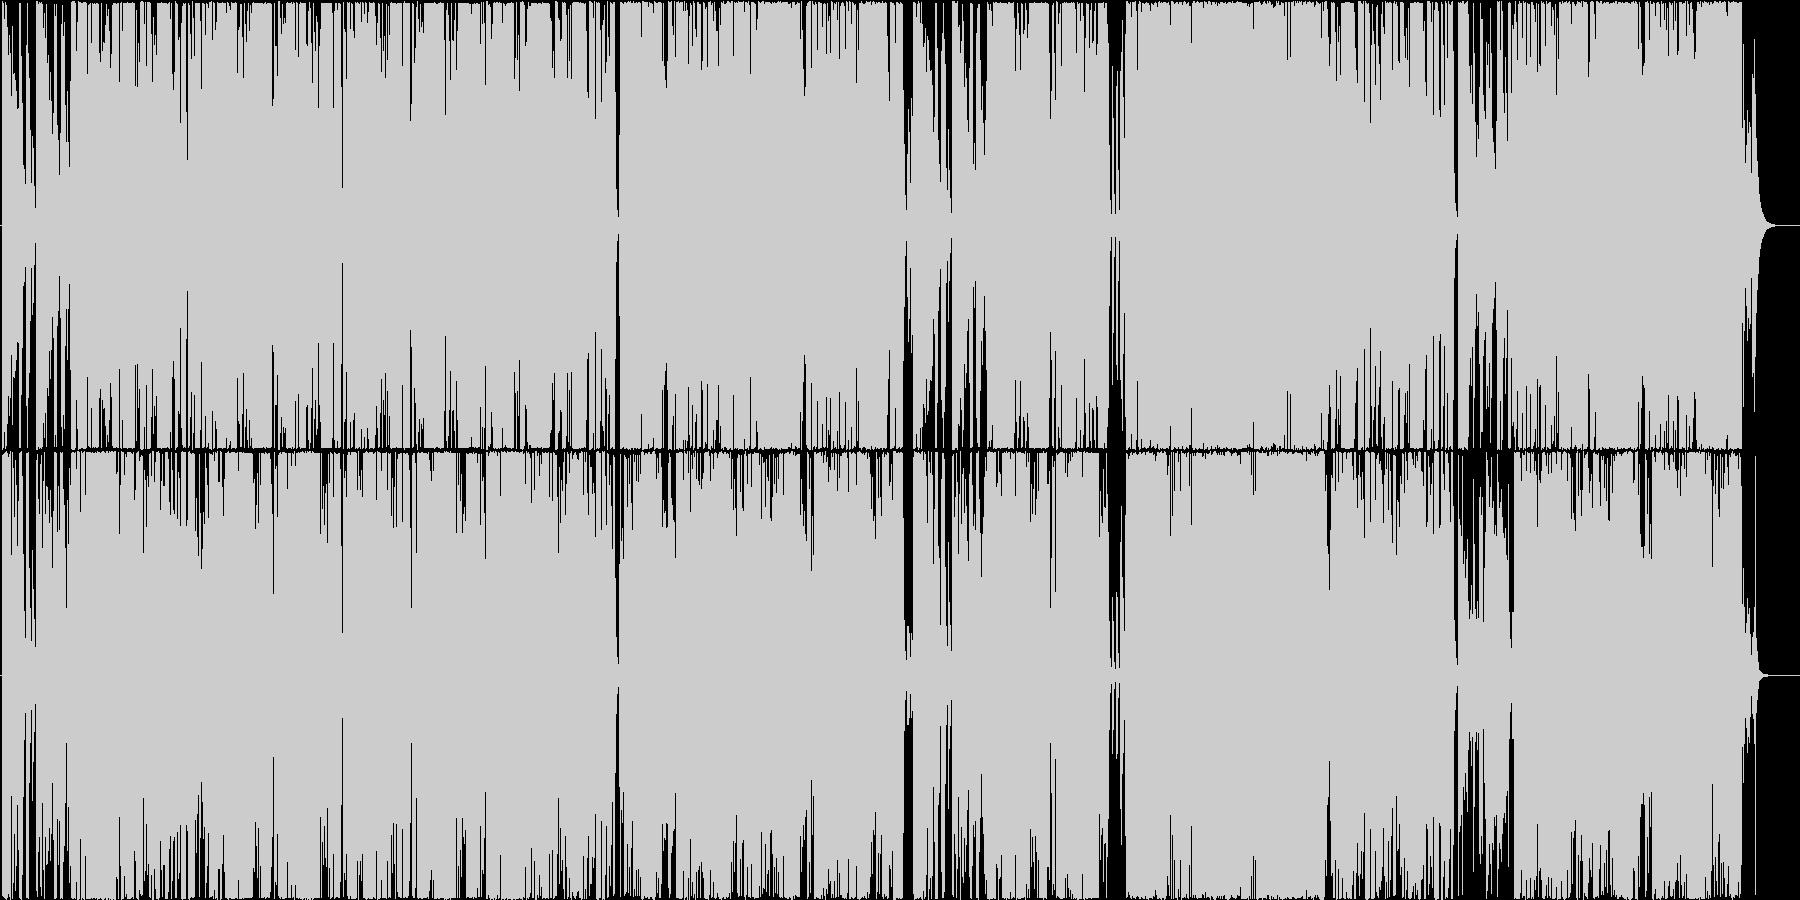 アンニュイな雰囲気のジャズセッションの未再生の波形